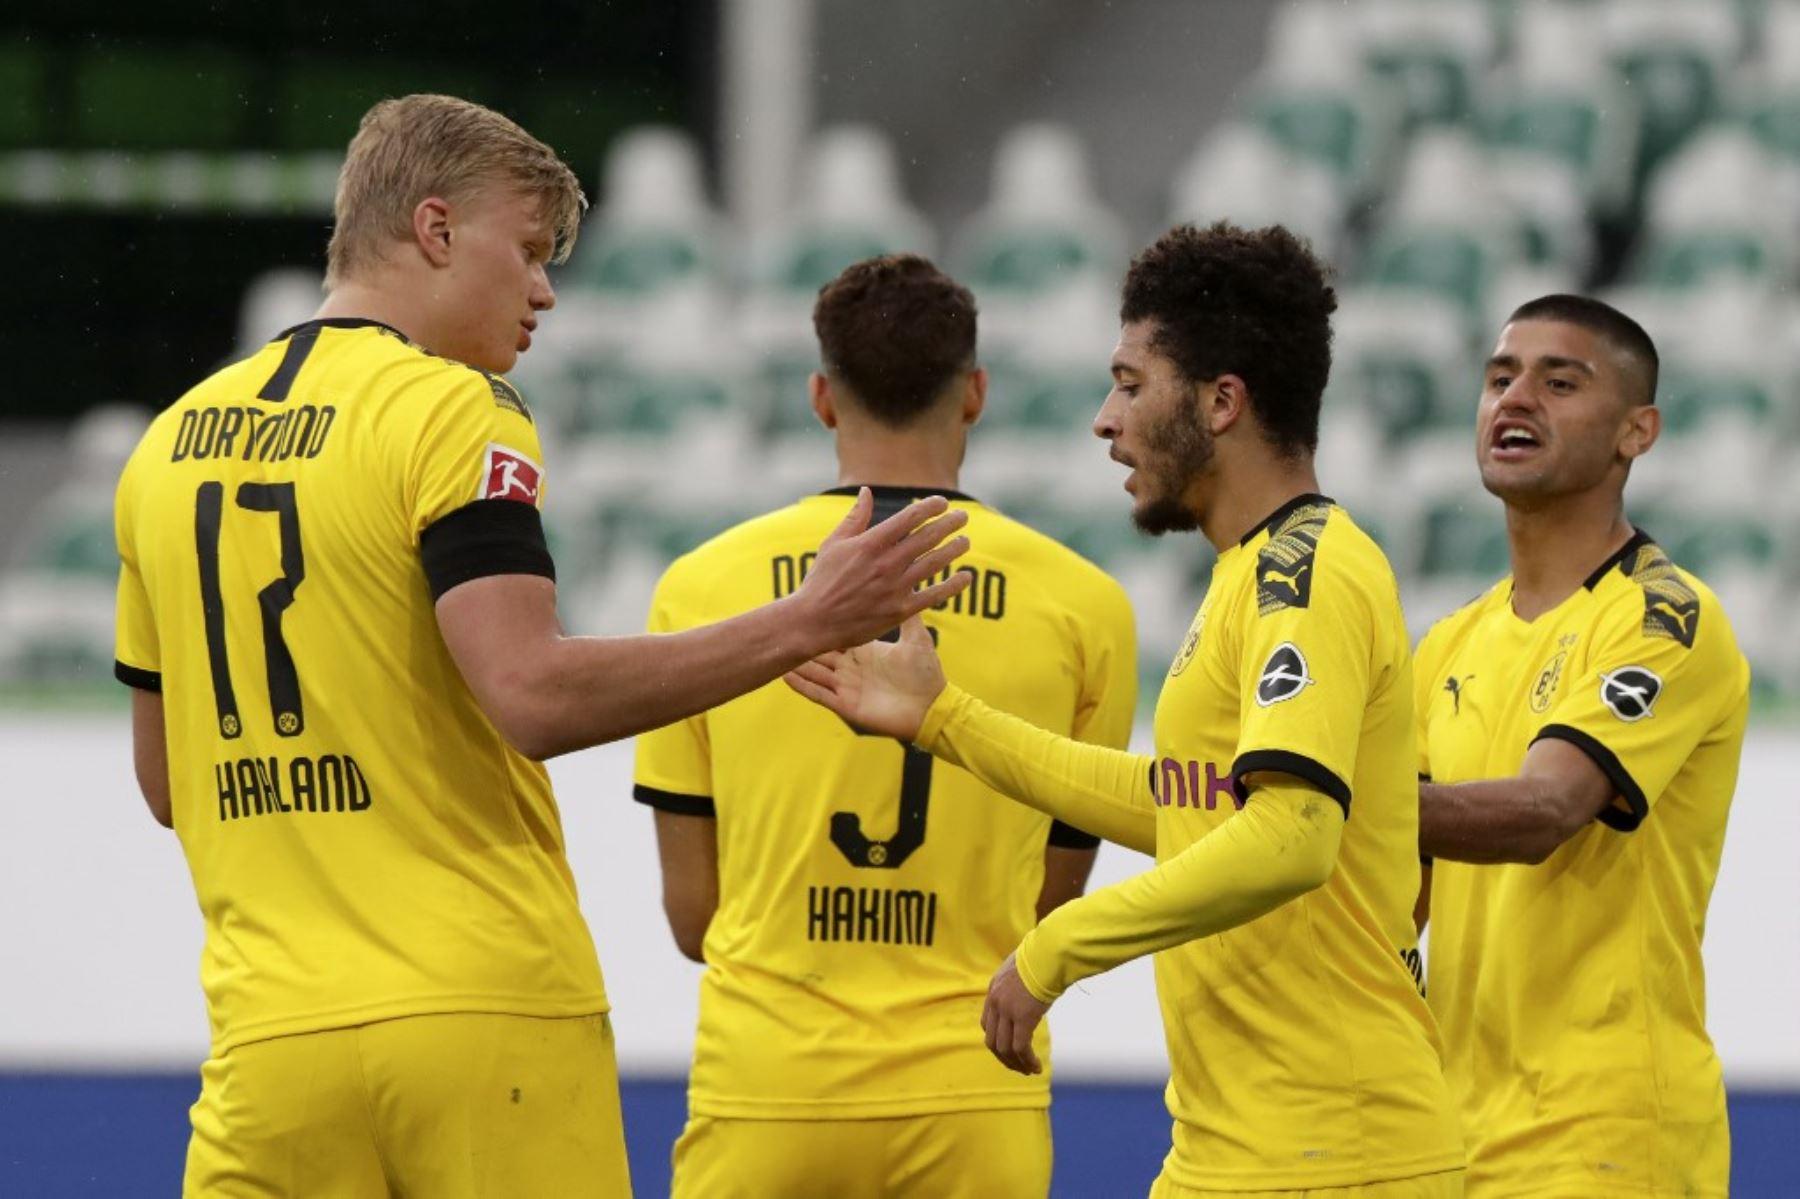 Borussia Dortmund registró su segunda victoria en otros tantos partidos desde la reanudación de la Bundesliga